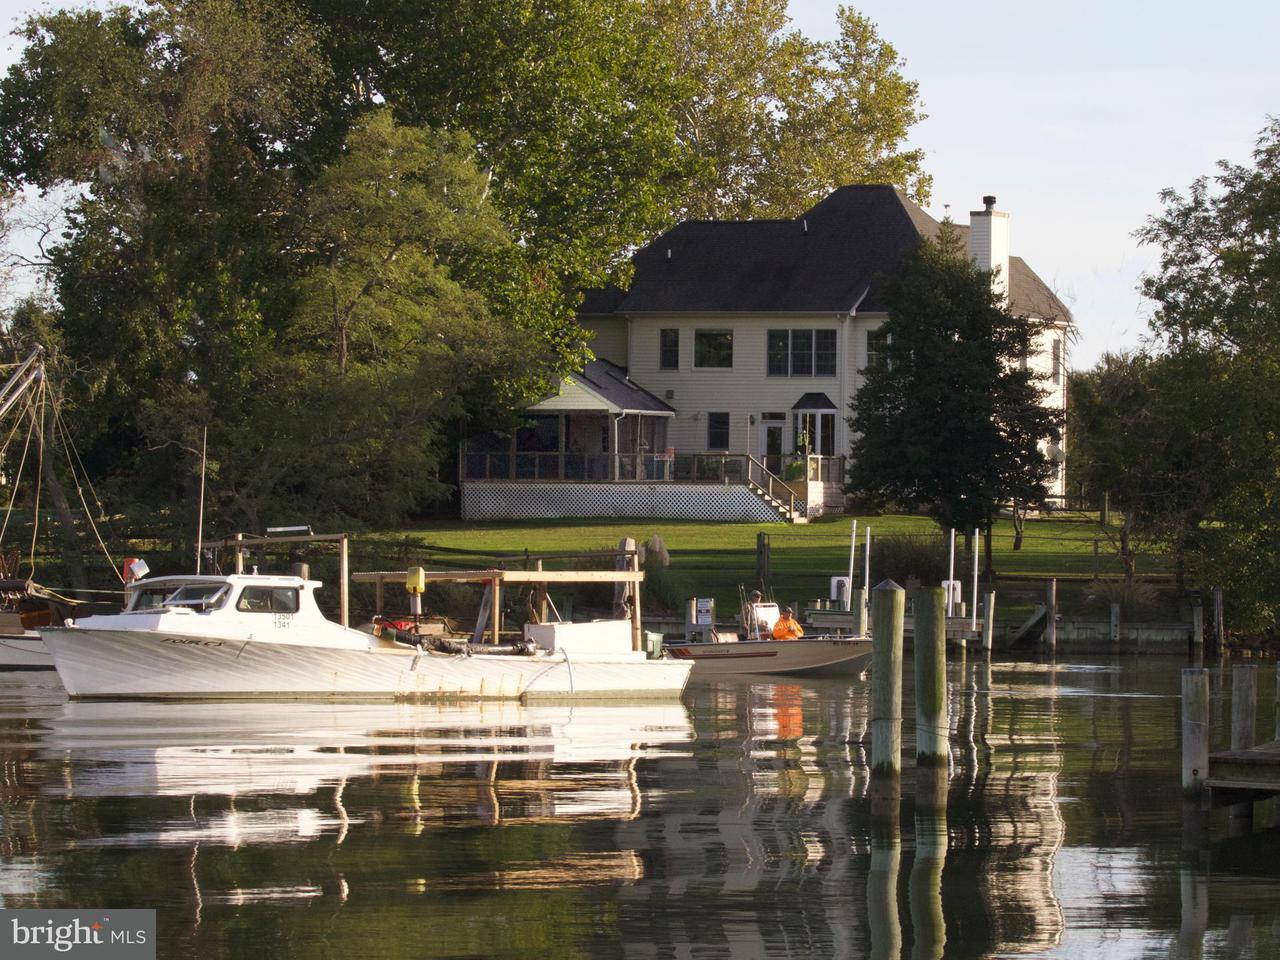 Частный односемейный дом для того Продажа на 239 MATAPEX PLANTATION Lane 239 MATAPEX PLANTATION Lane Stevensville, Мэриленд 21666 Соединенные Штаты